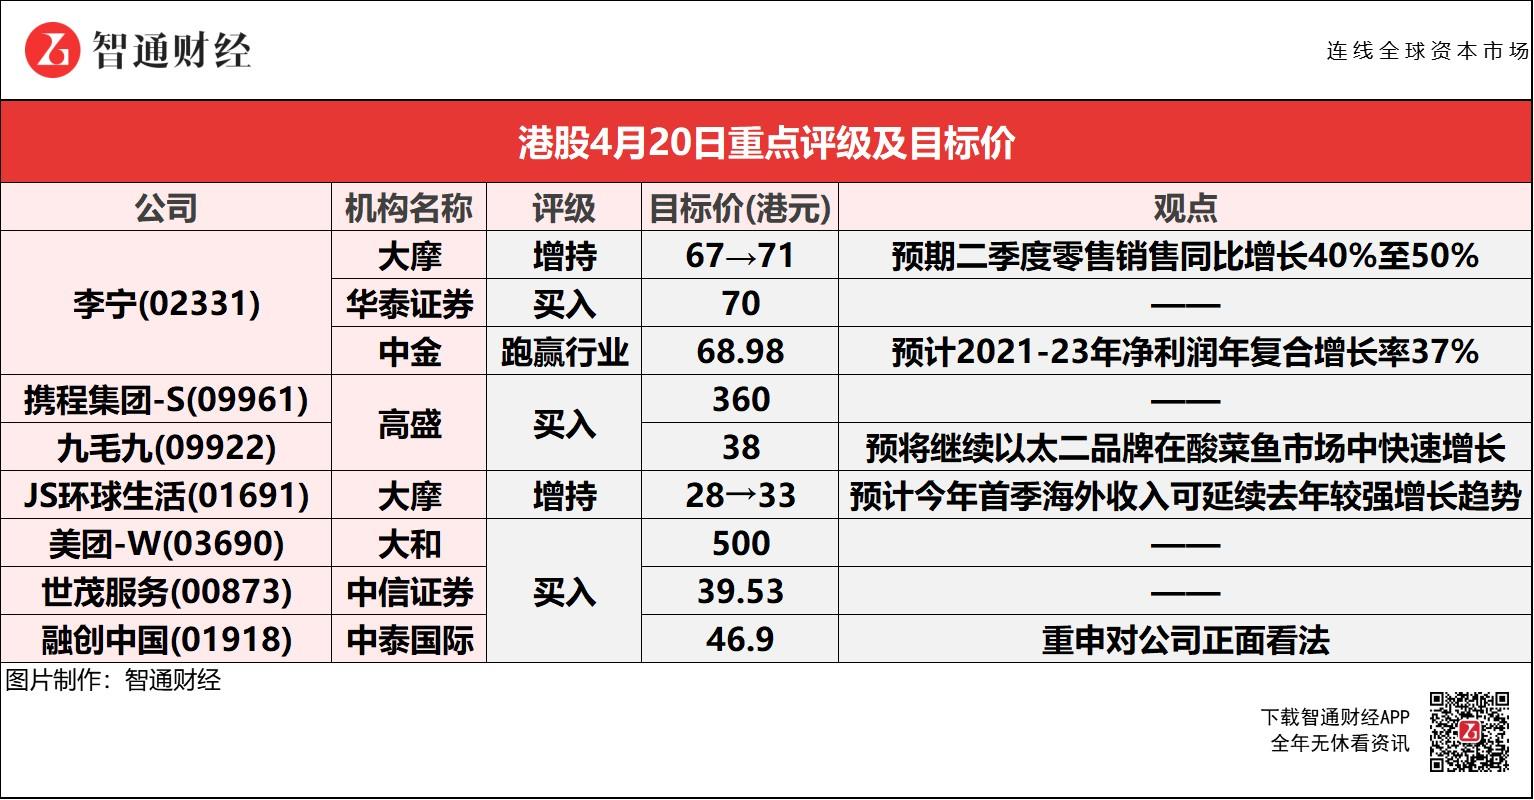 智通每日大行研报︱Q1零售流水超预期 李宁(02331)获大摩看高至71港元 大和予美团(03690)目标价500港元